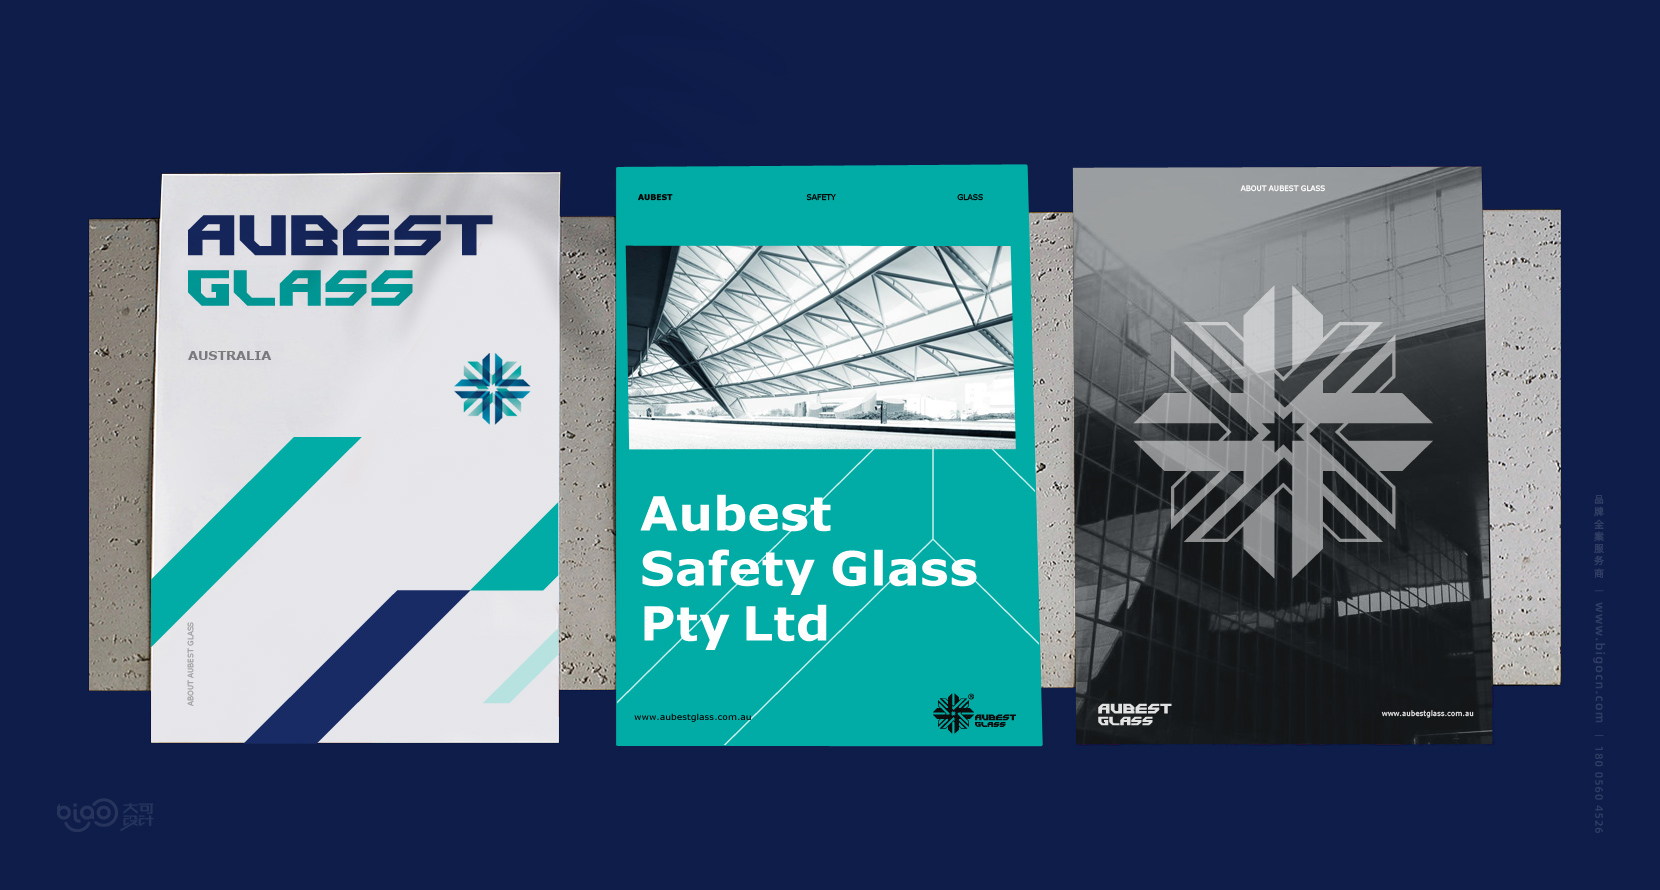 澳大利亚AuBestGlass